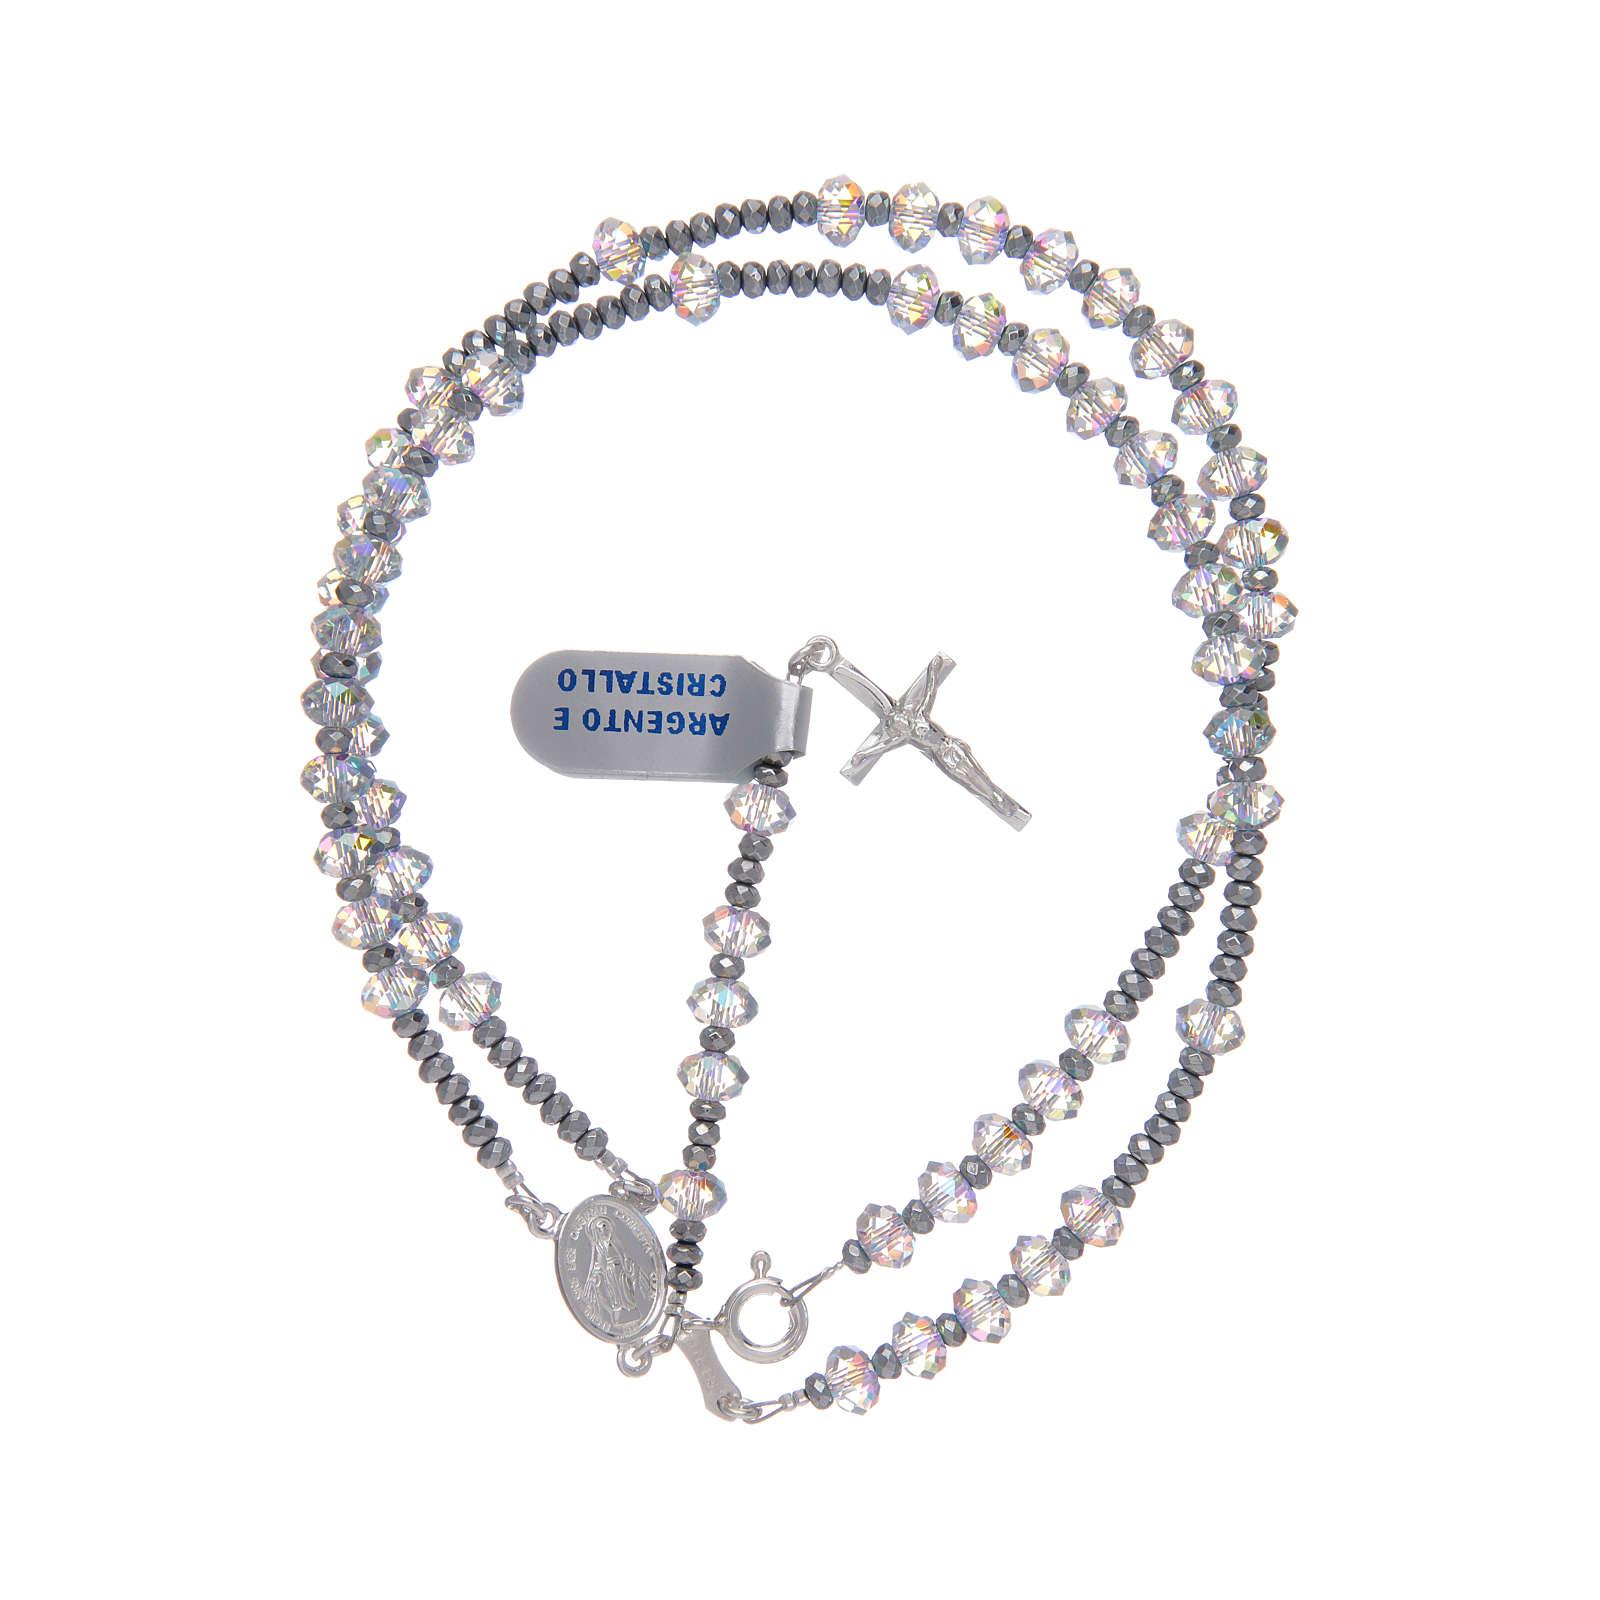 Rosario in argento 800 con Swarovski luminosi trasparenti 4